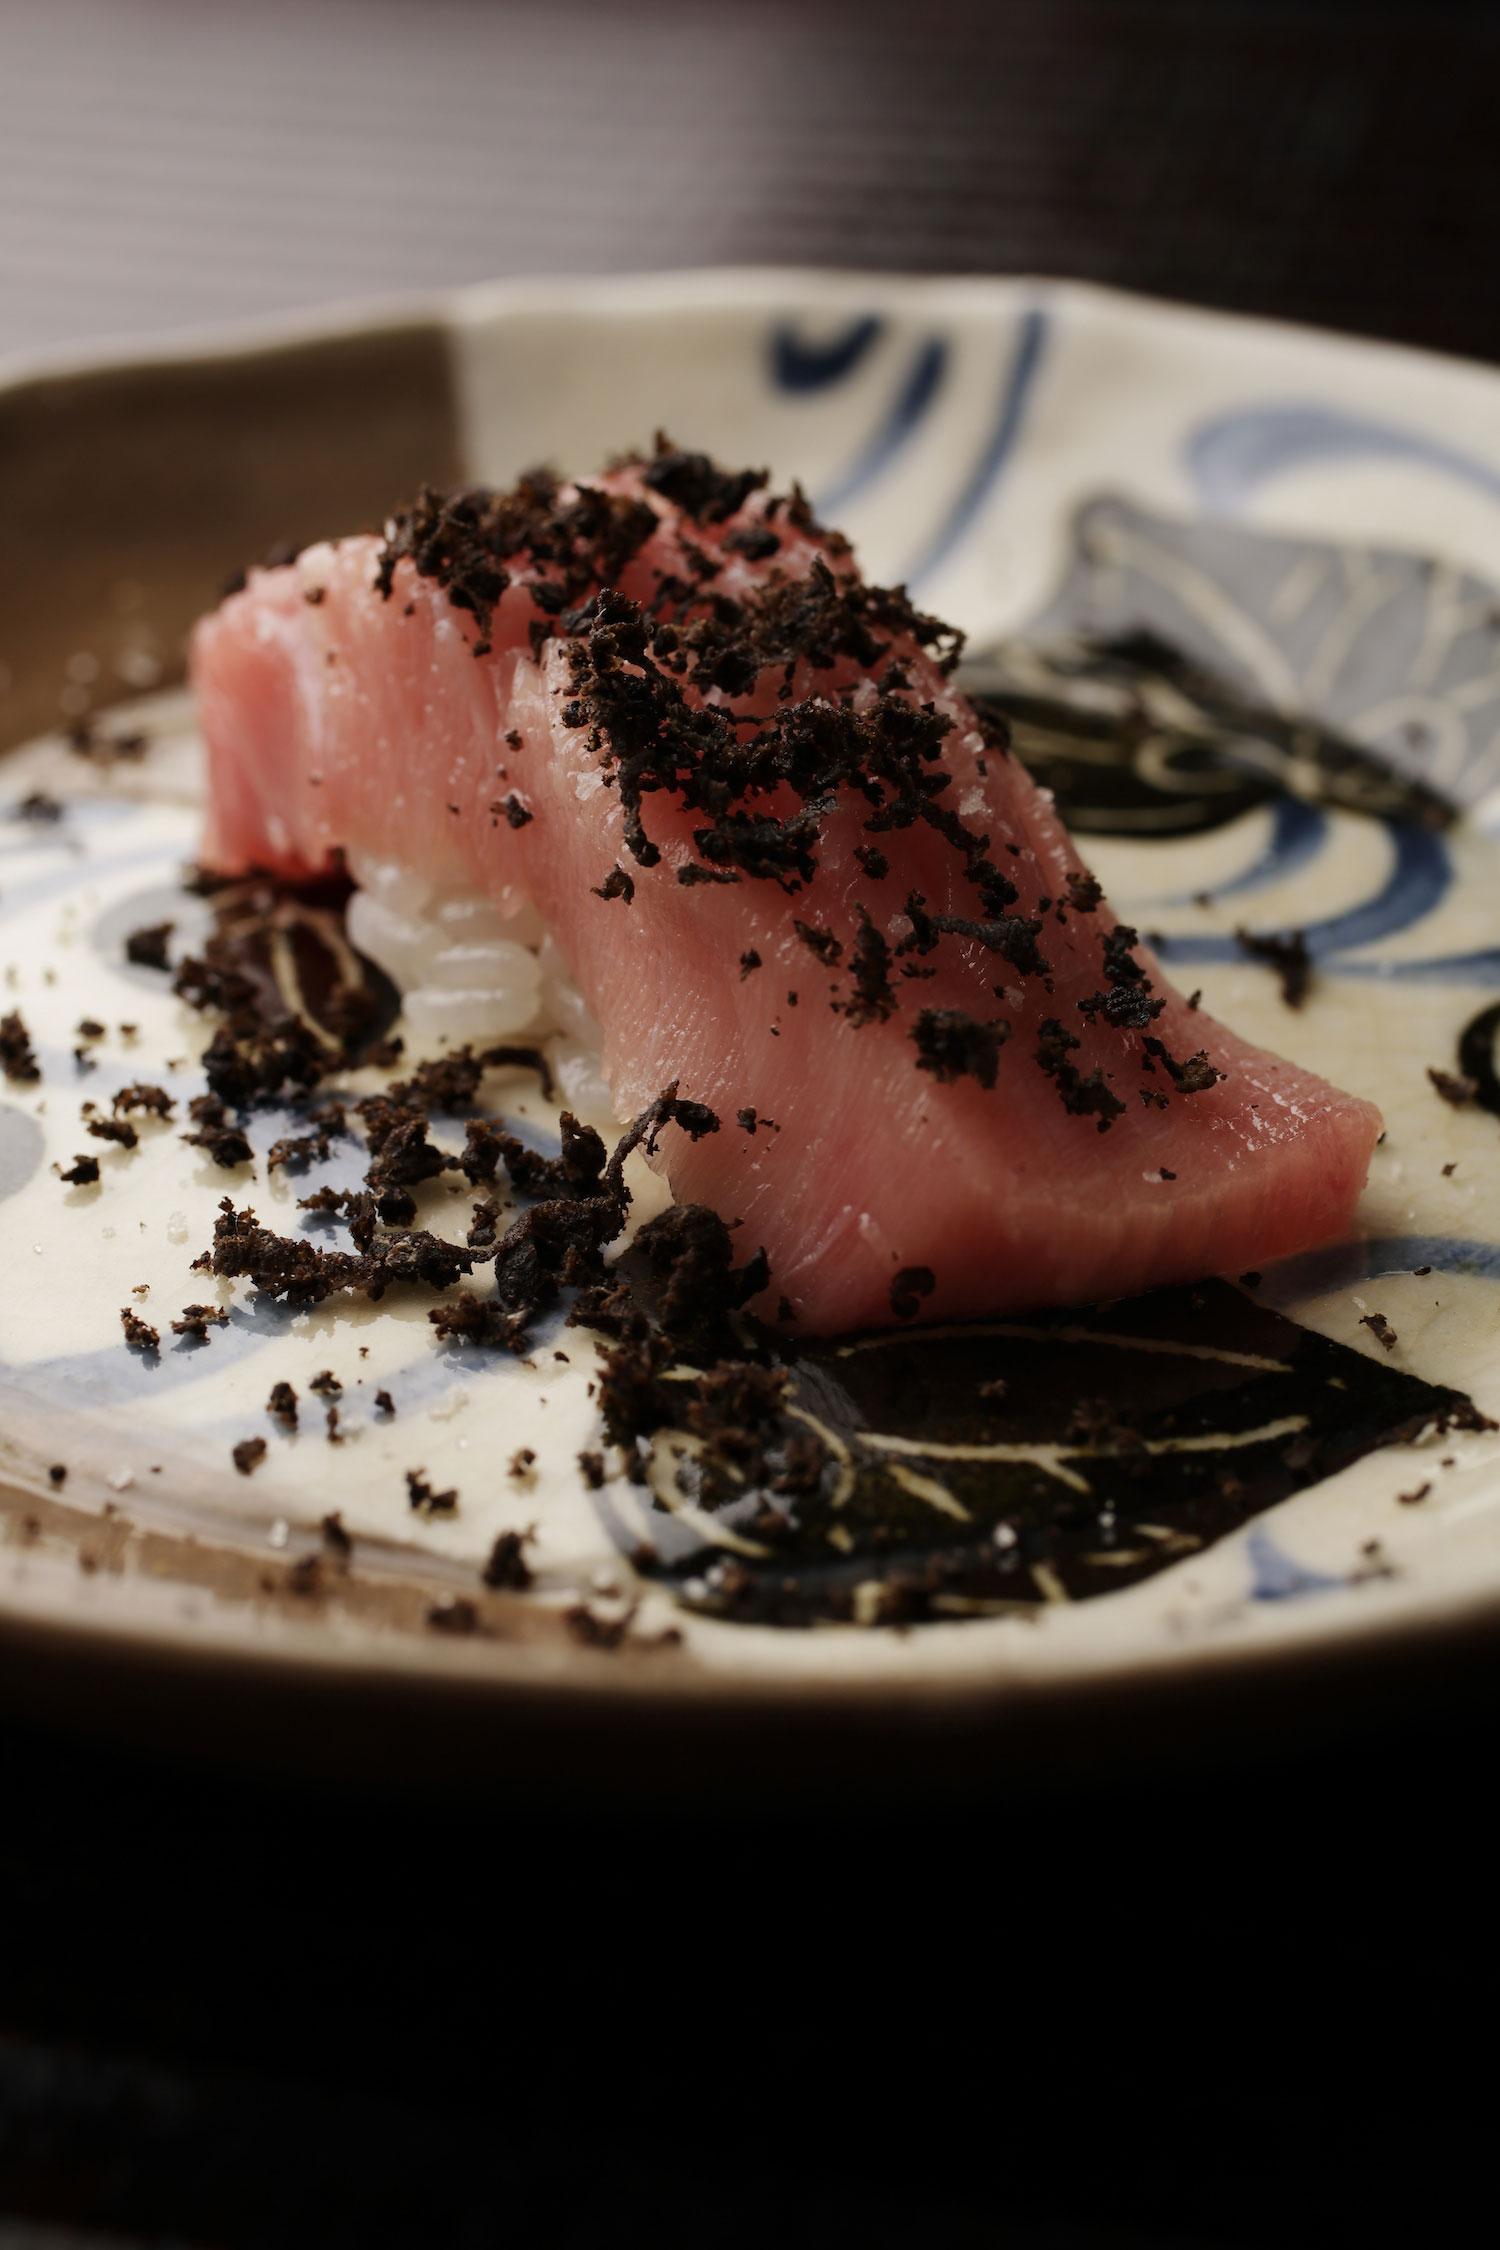 A tuna nigiri black truffle dish from Kenzo